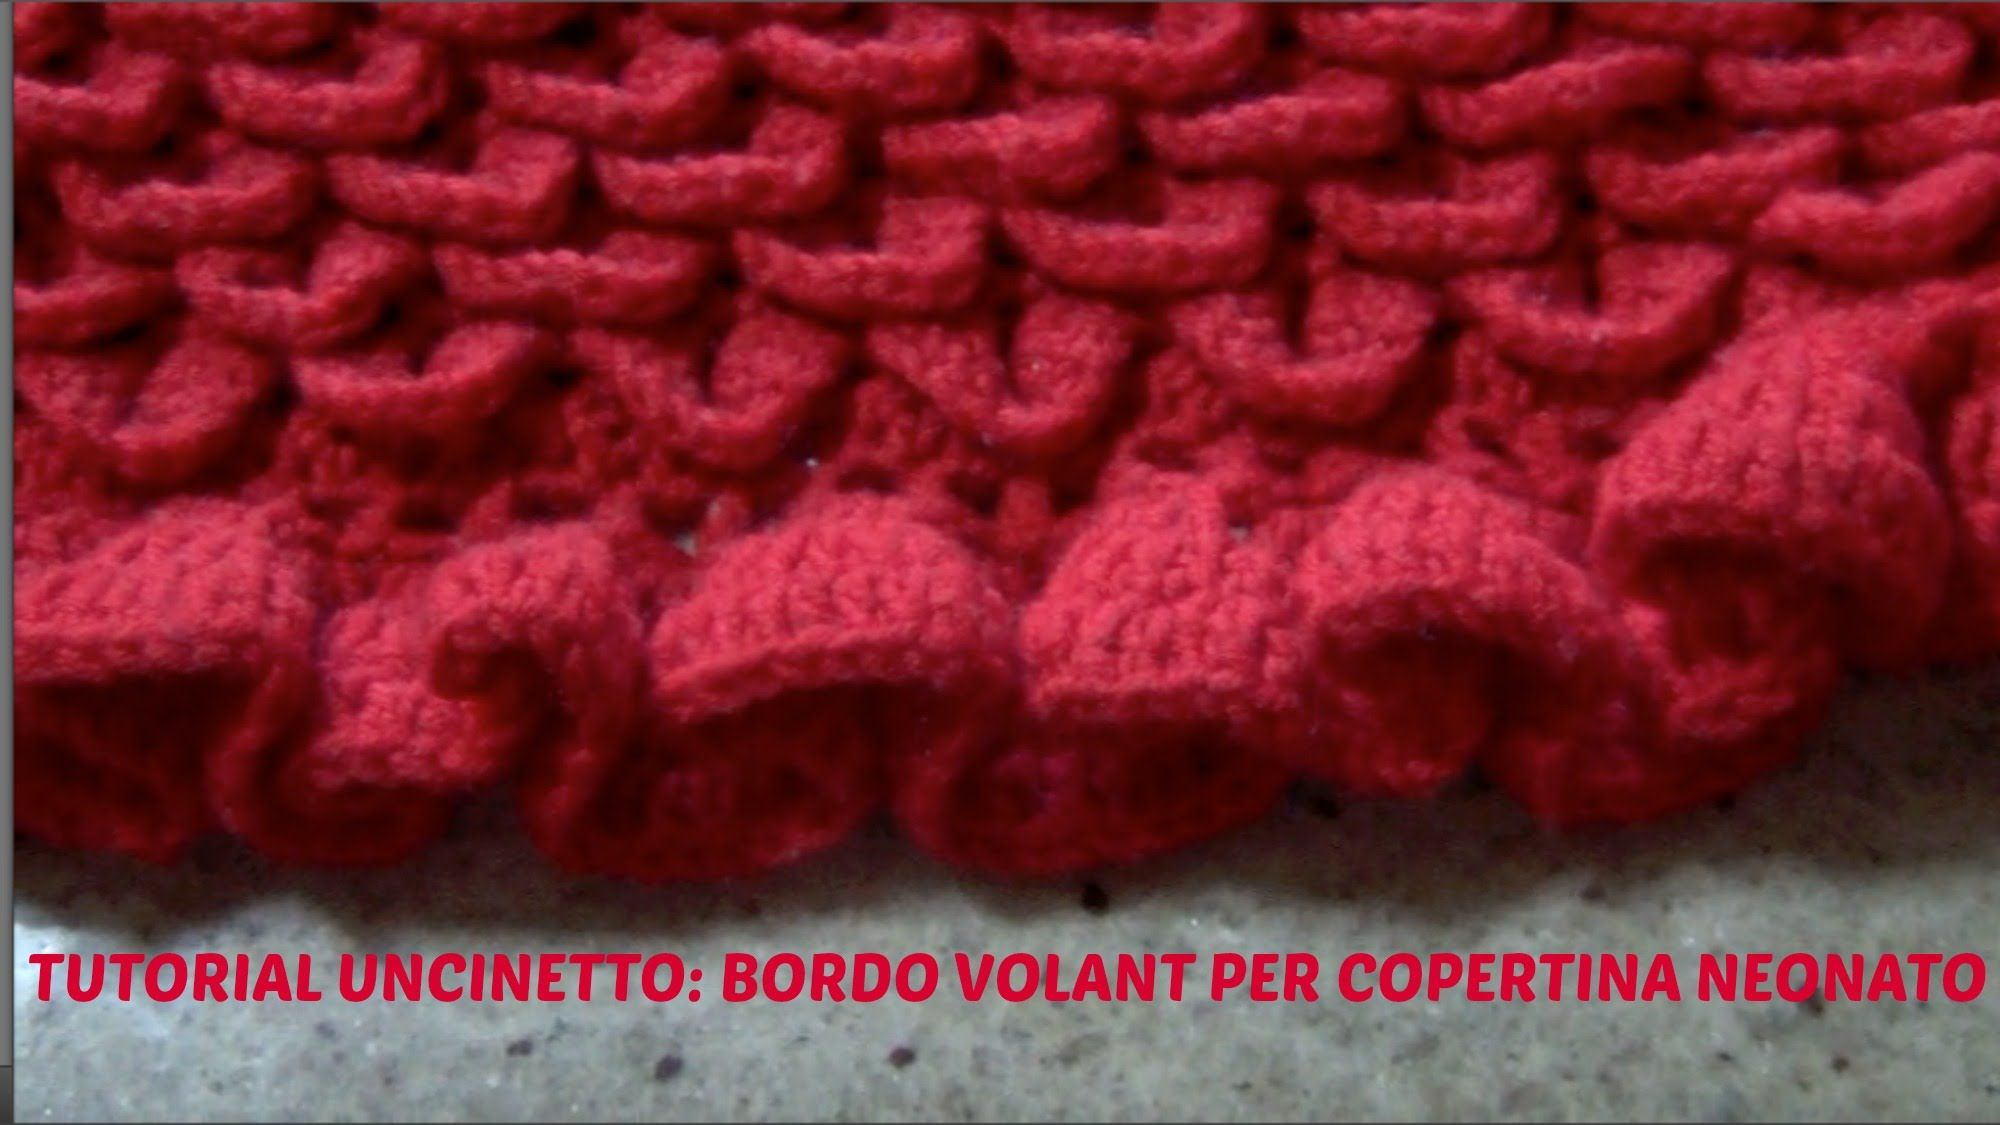 Tutorial Uncinettobordo Volant Per Copertina Neonato Crochet